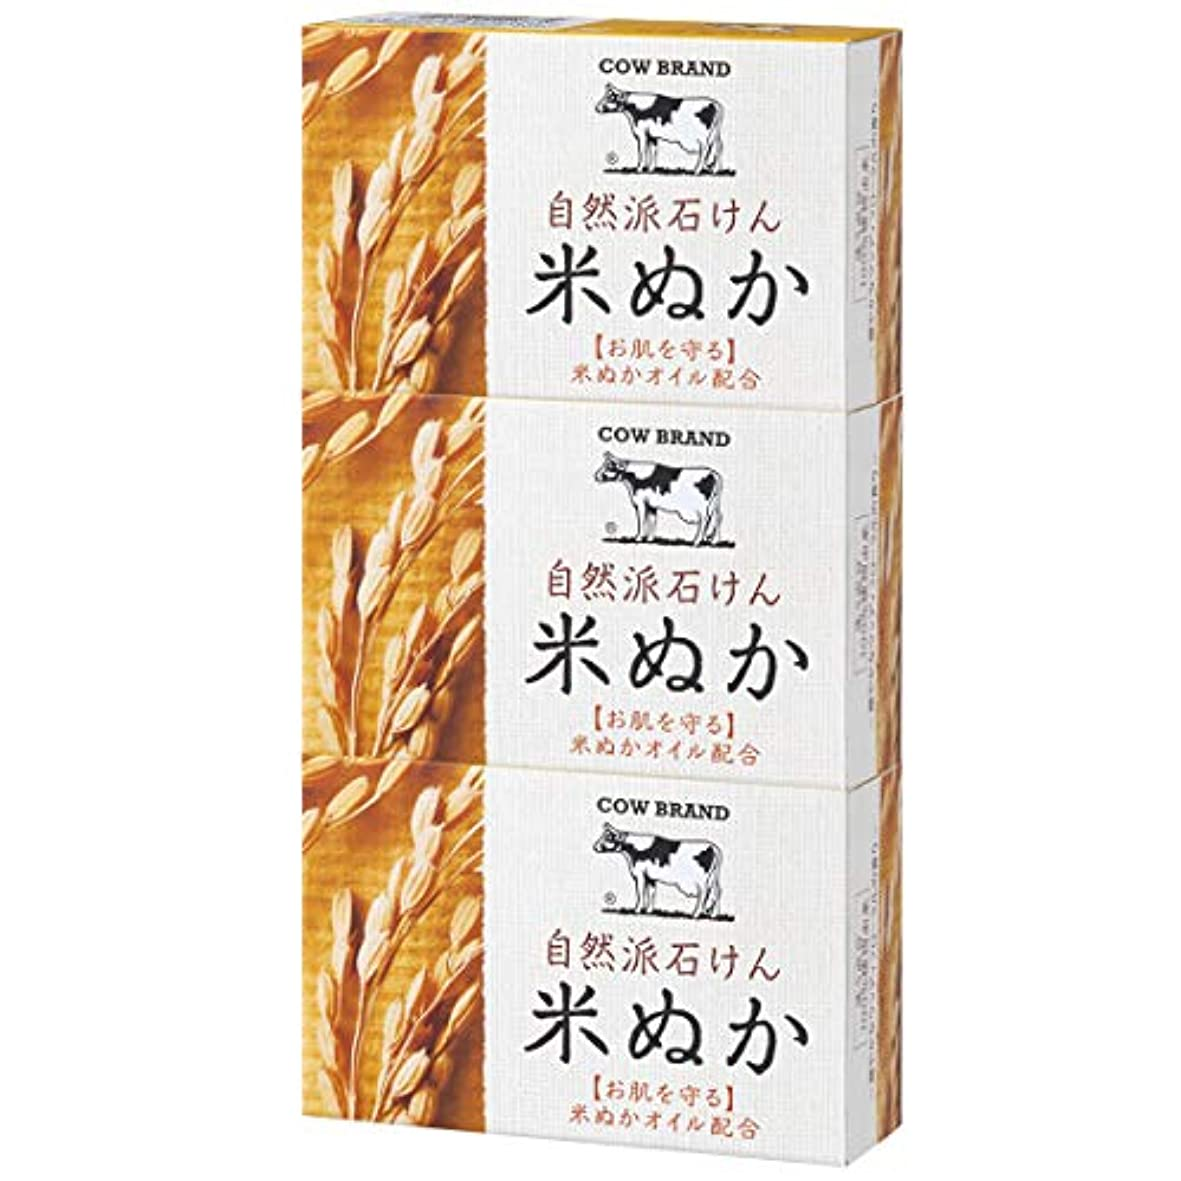 責飾り羽機知に富んだカウブランド 自然派石けん 米ぬか 100g*3個